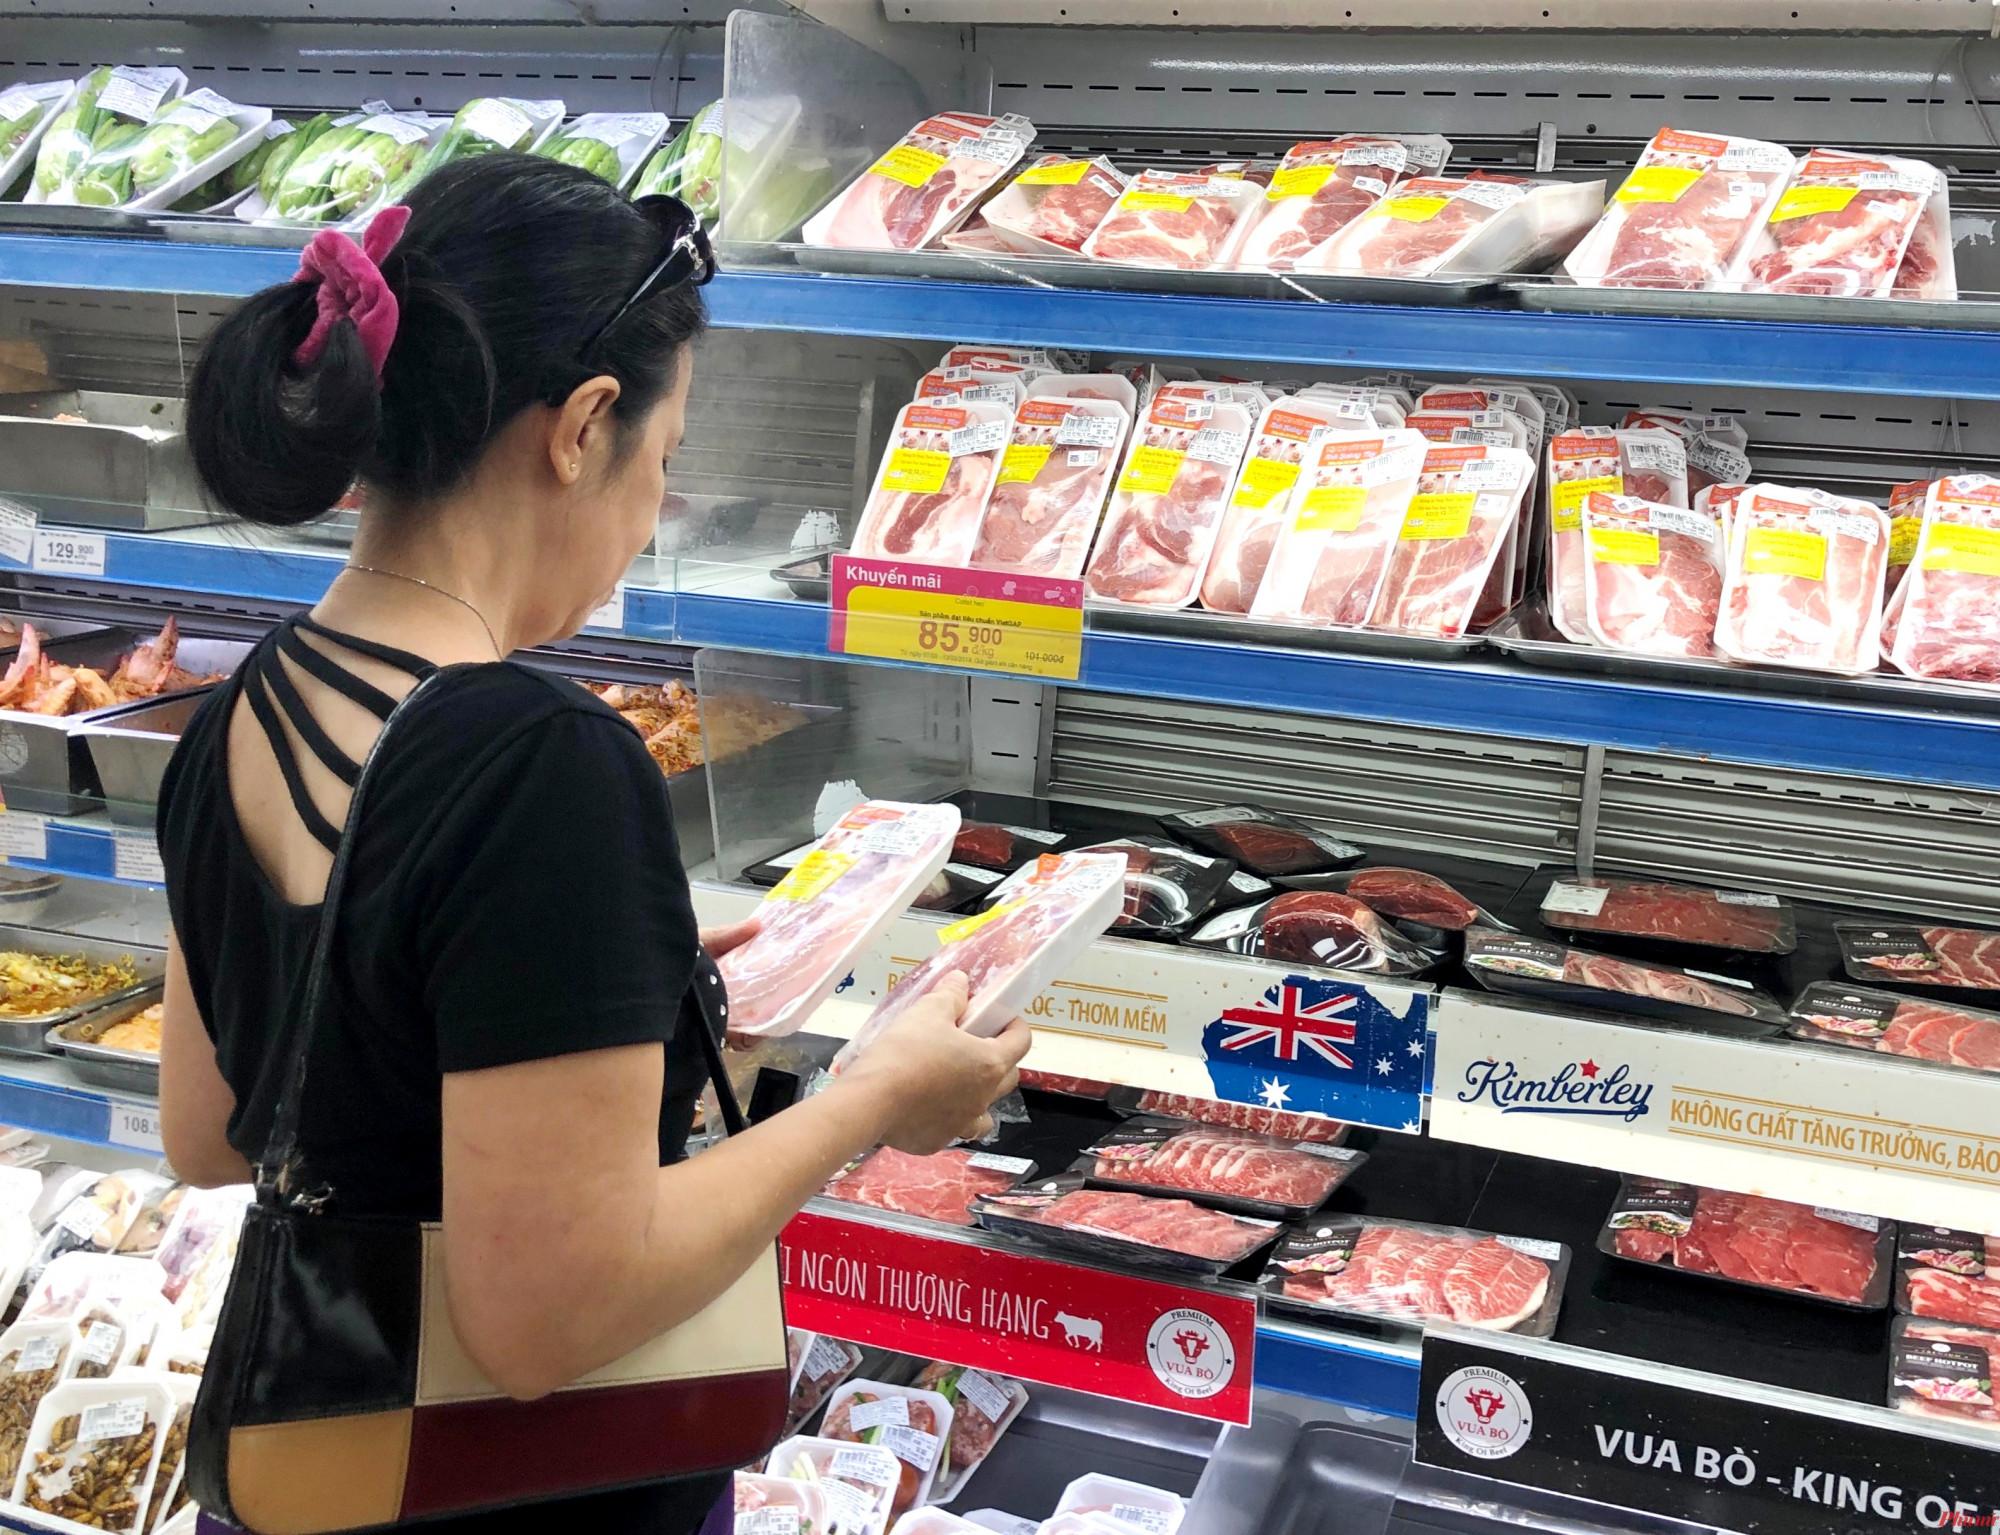 Lượng thịt heo nhập khẩu tăng mạnh, người tiêu dùng có thêm lựa chọn trước tình hình giá thịt heo tăng cao